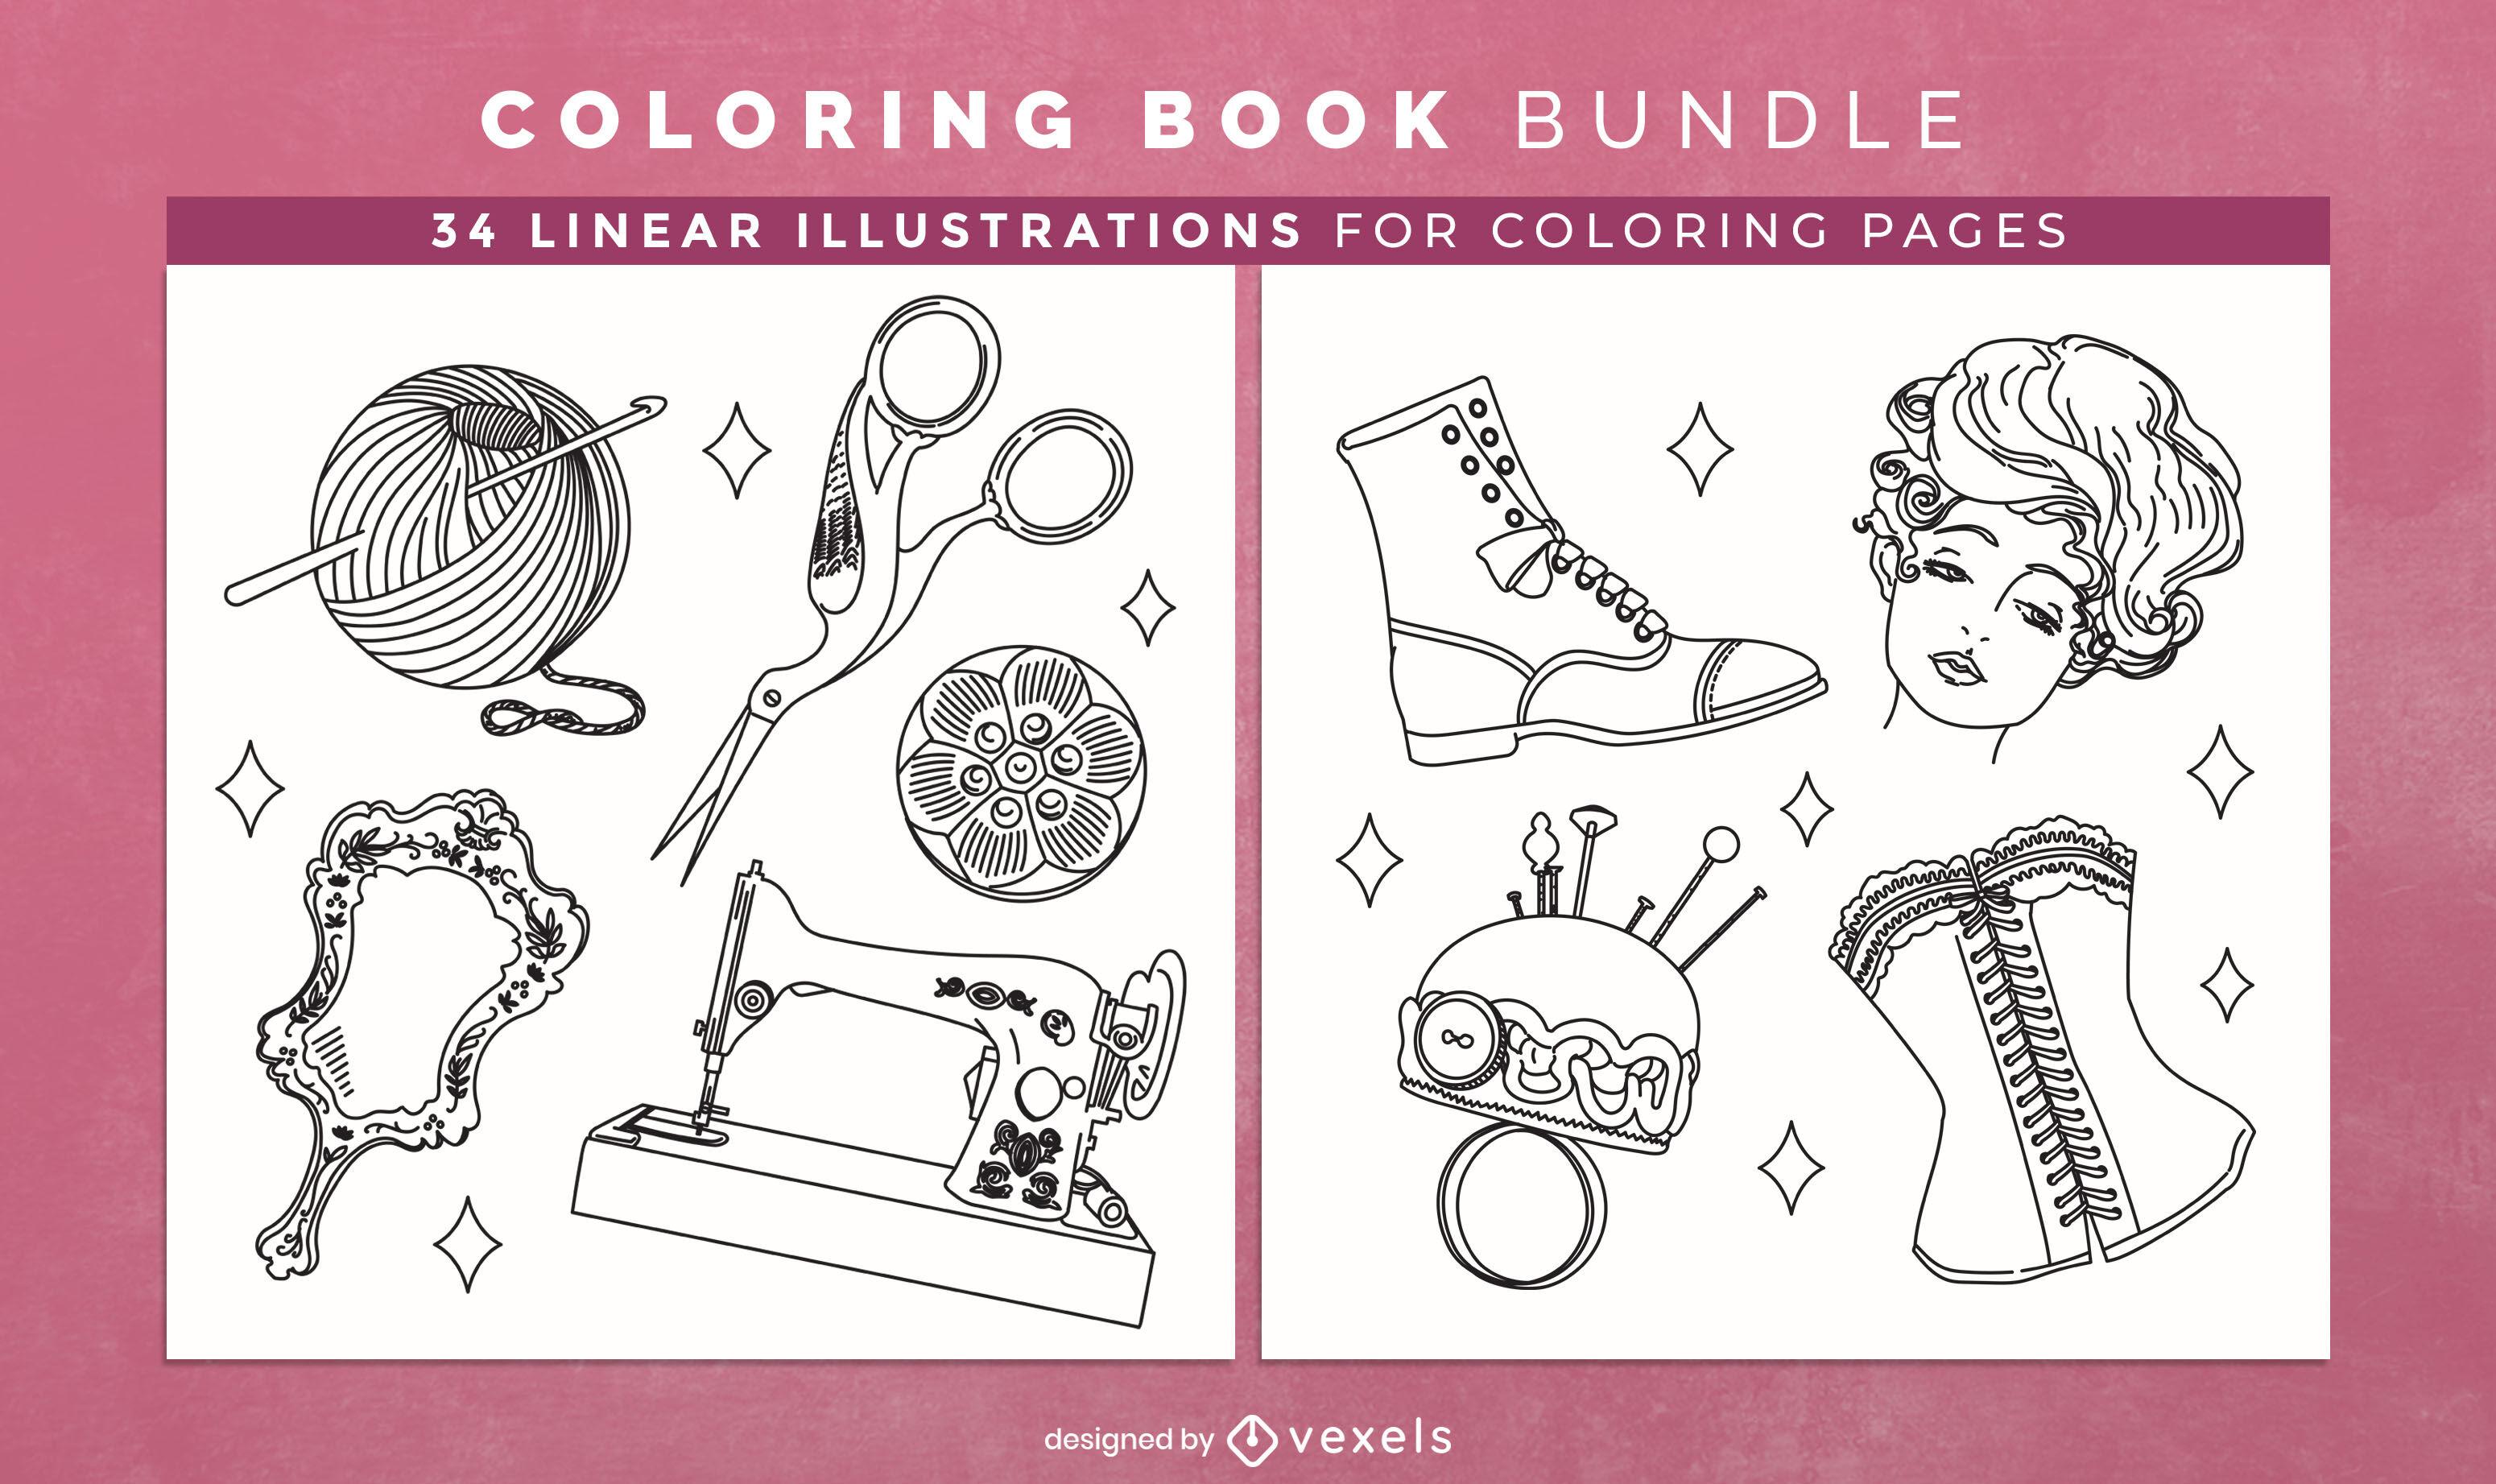 Accesorios vintage para colorear páginas de diseño de libros